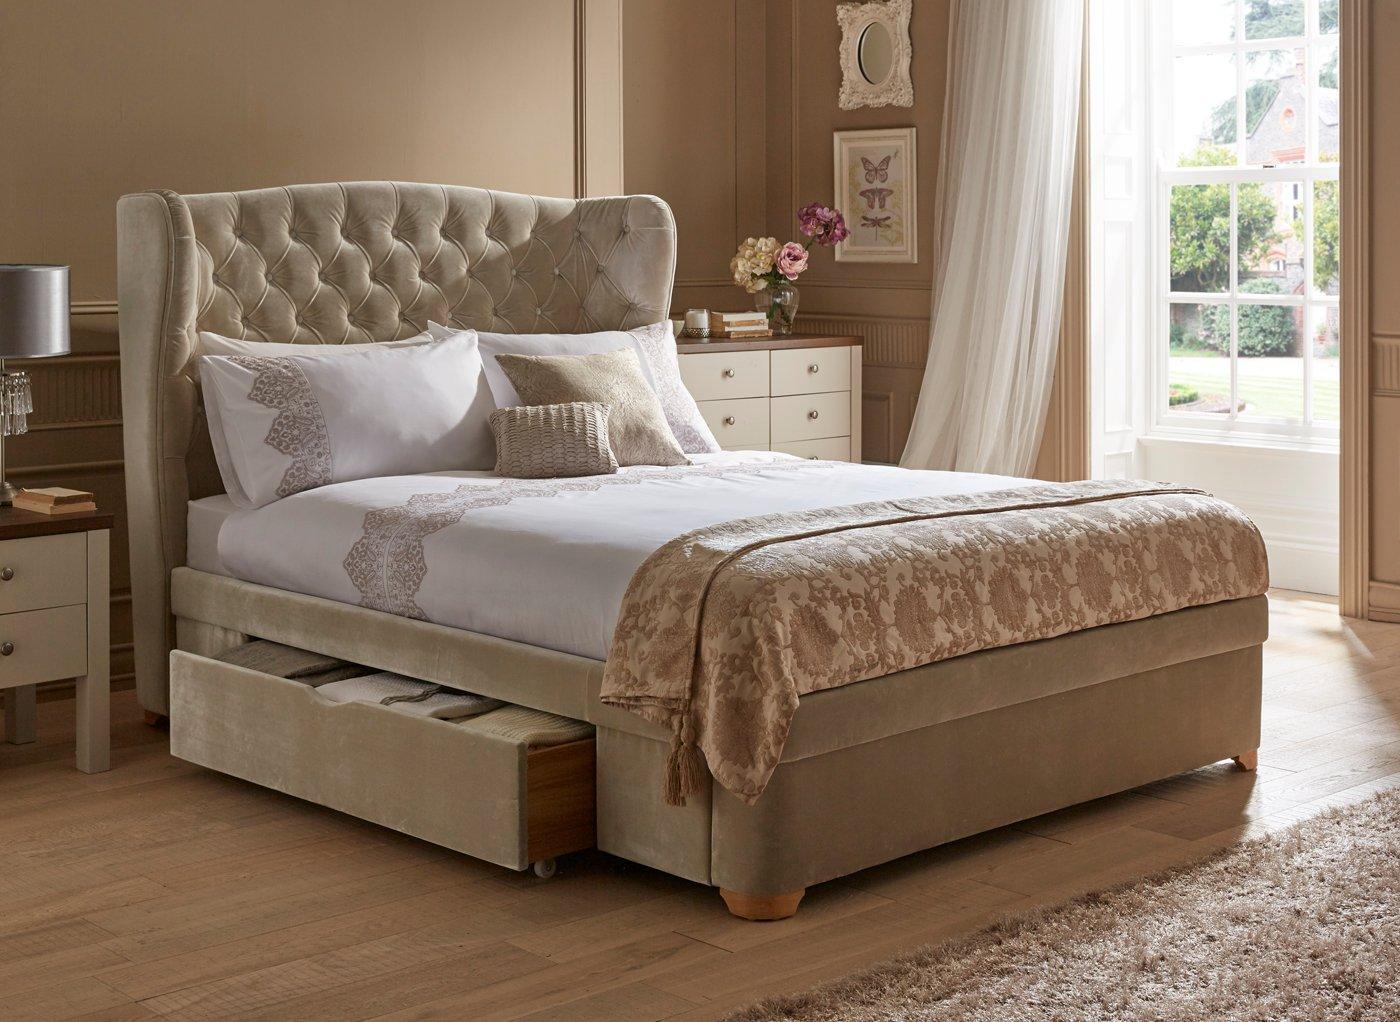 maree-velvet-finish-upholstered-bed-frame